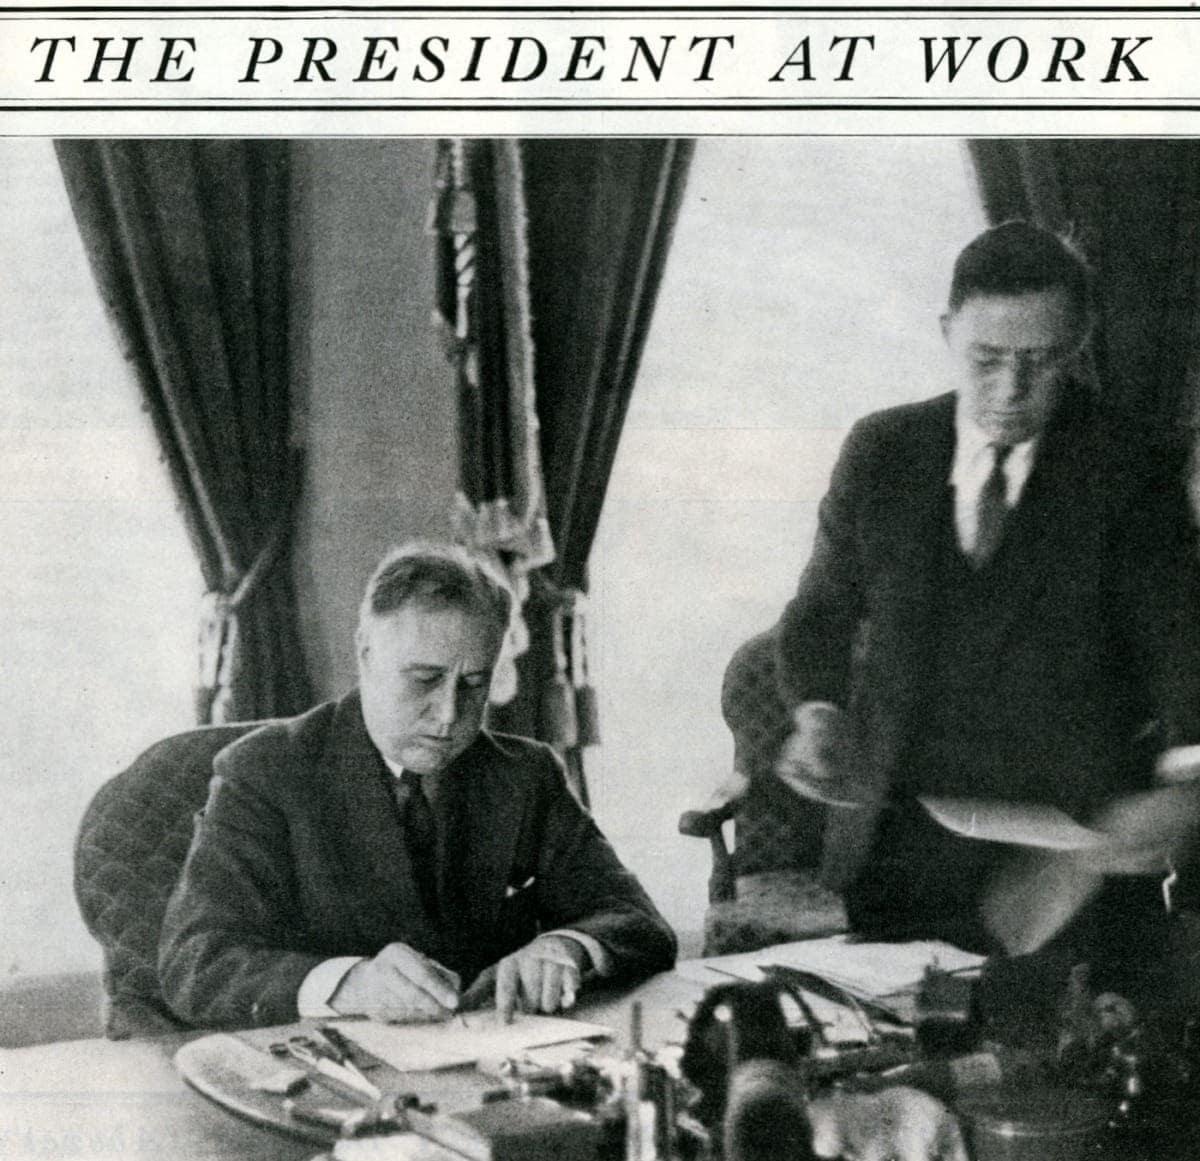 Franklin D Roosevelt at work